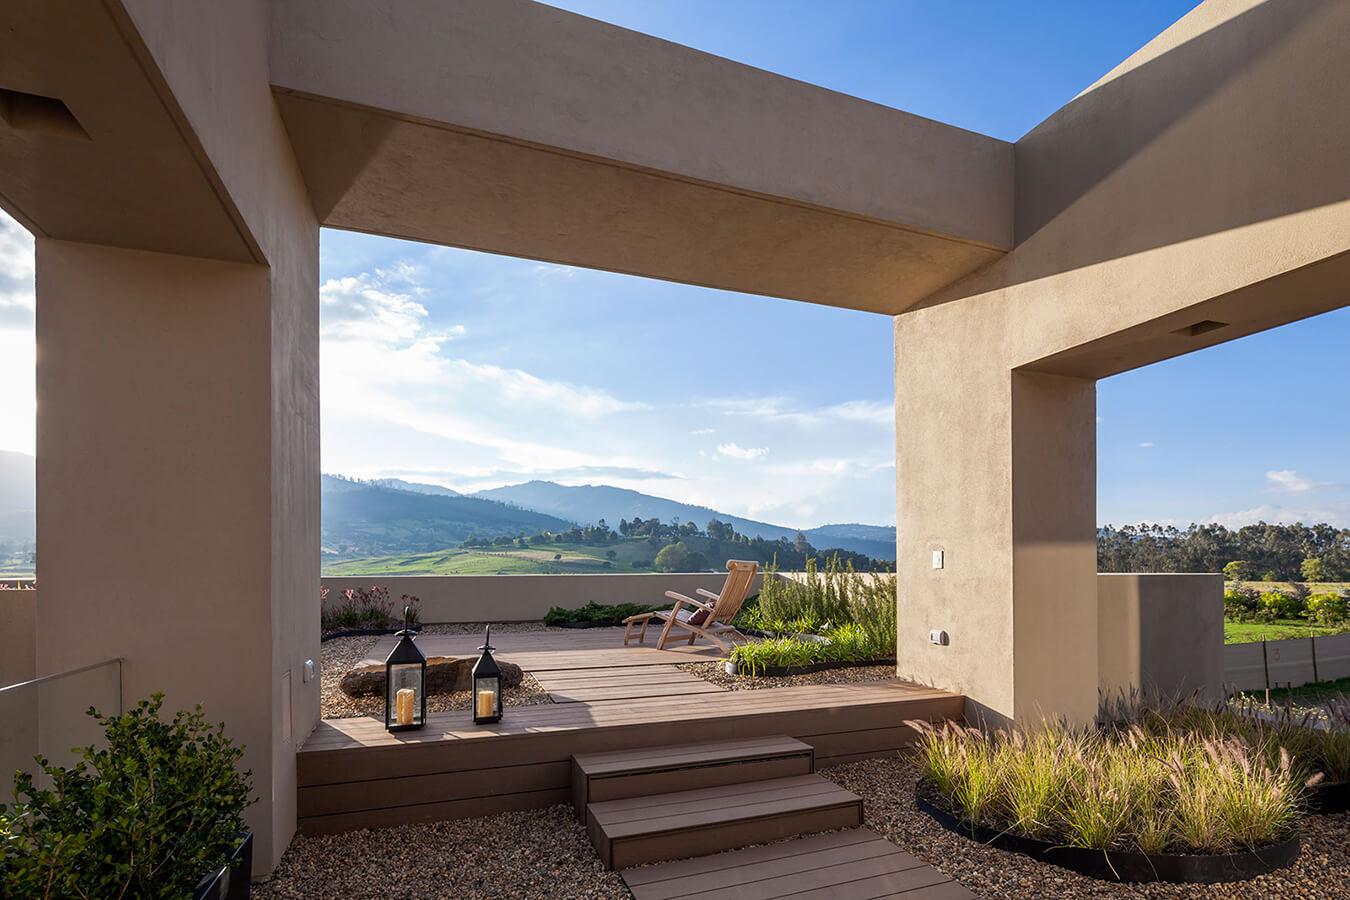 <a href='https://revistaaxxis.com.co/casa-de-campo/'><h2>Bajo el cielo de la sabana</h2>Una vivienda que dialoga a través de su arquitectura, distribución y materialidad, con la naturaleza circundante.</a>